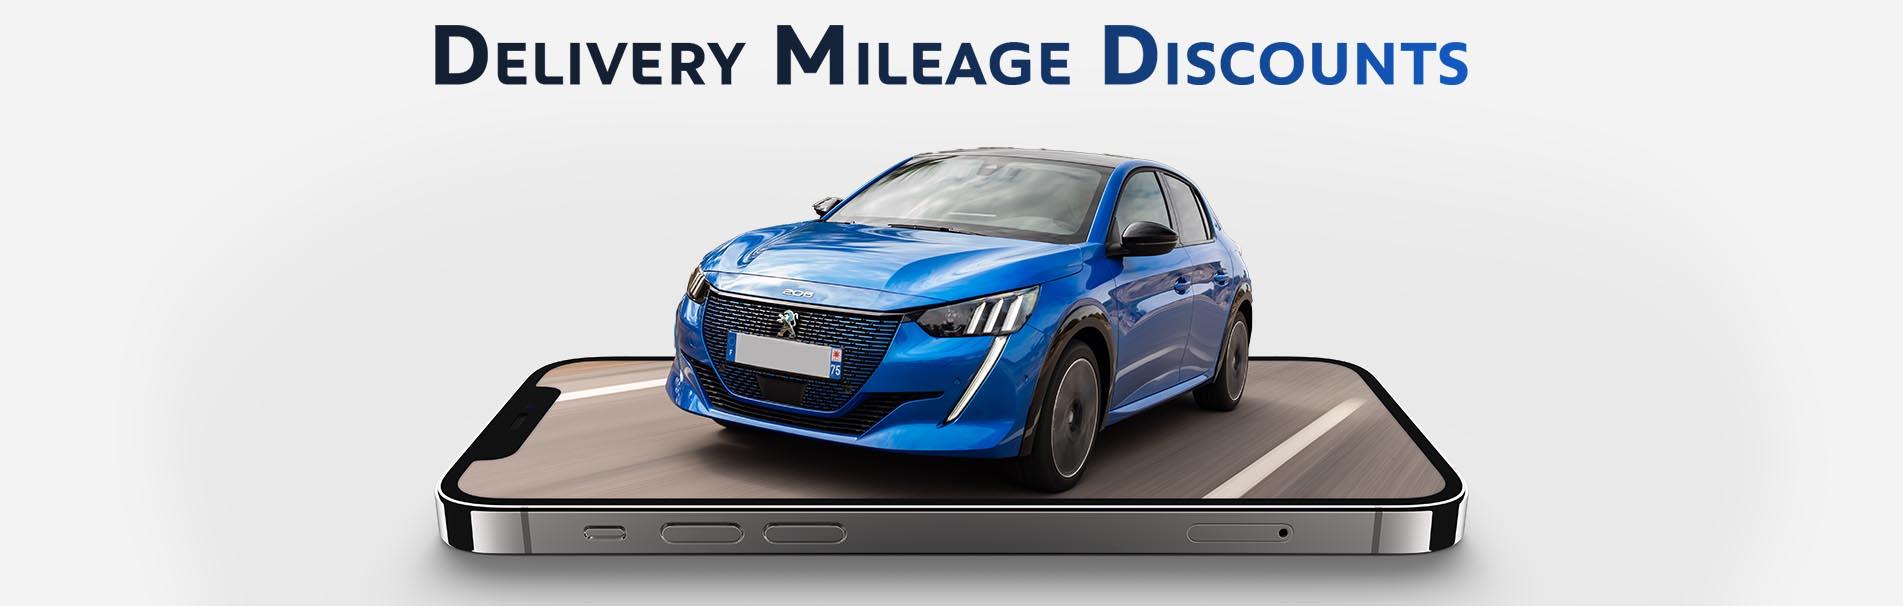 peugeot-delivery-mileage-savings-on-cars-sli